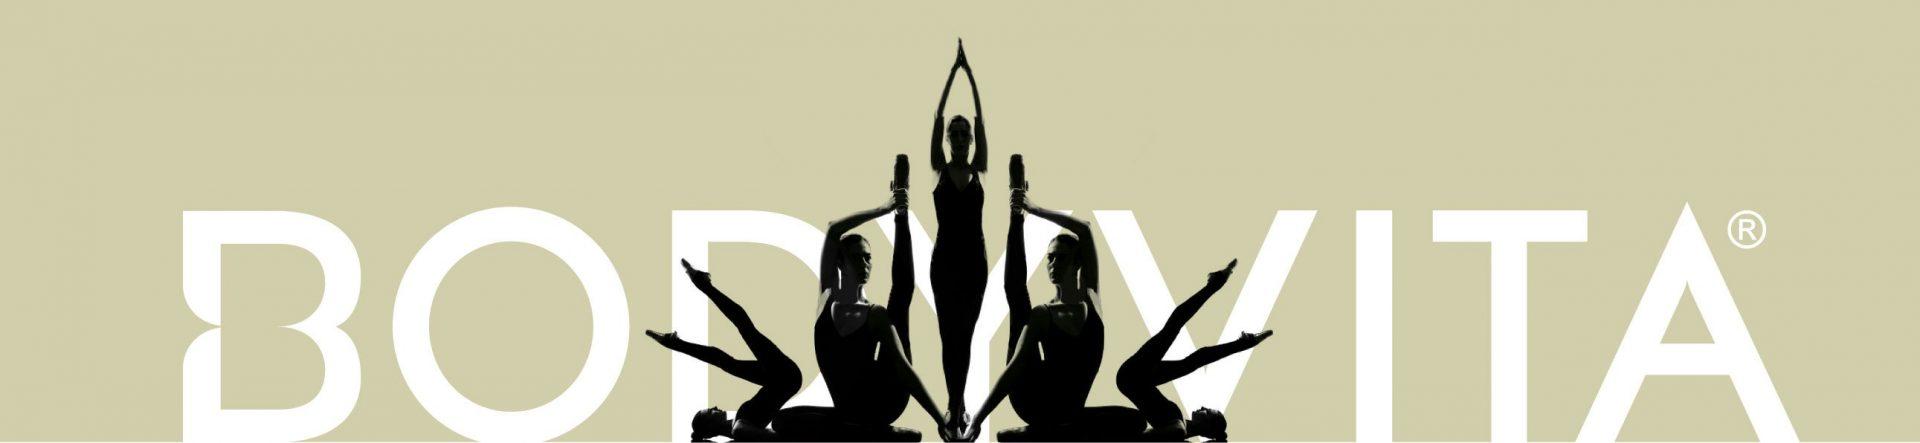 Stefania Petroula - Trainer Pilates lessen in Studio Amsterdam centrum – Bodyvita